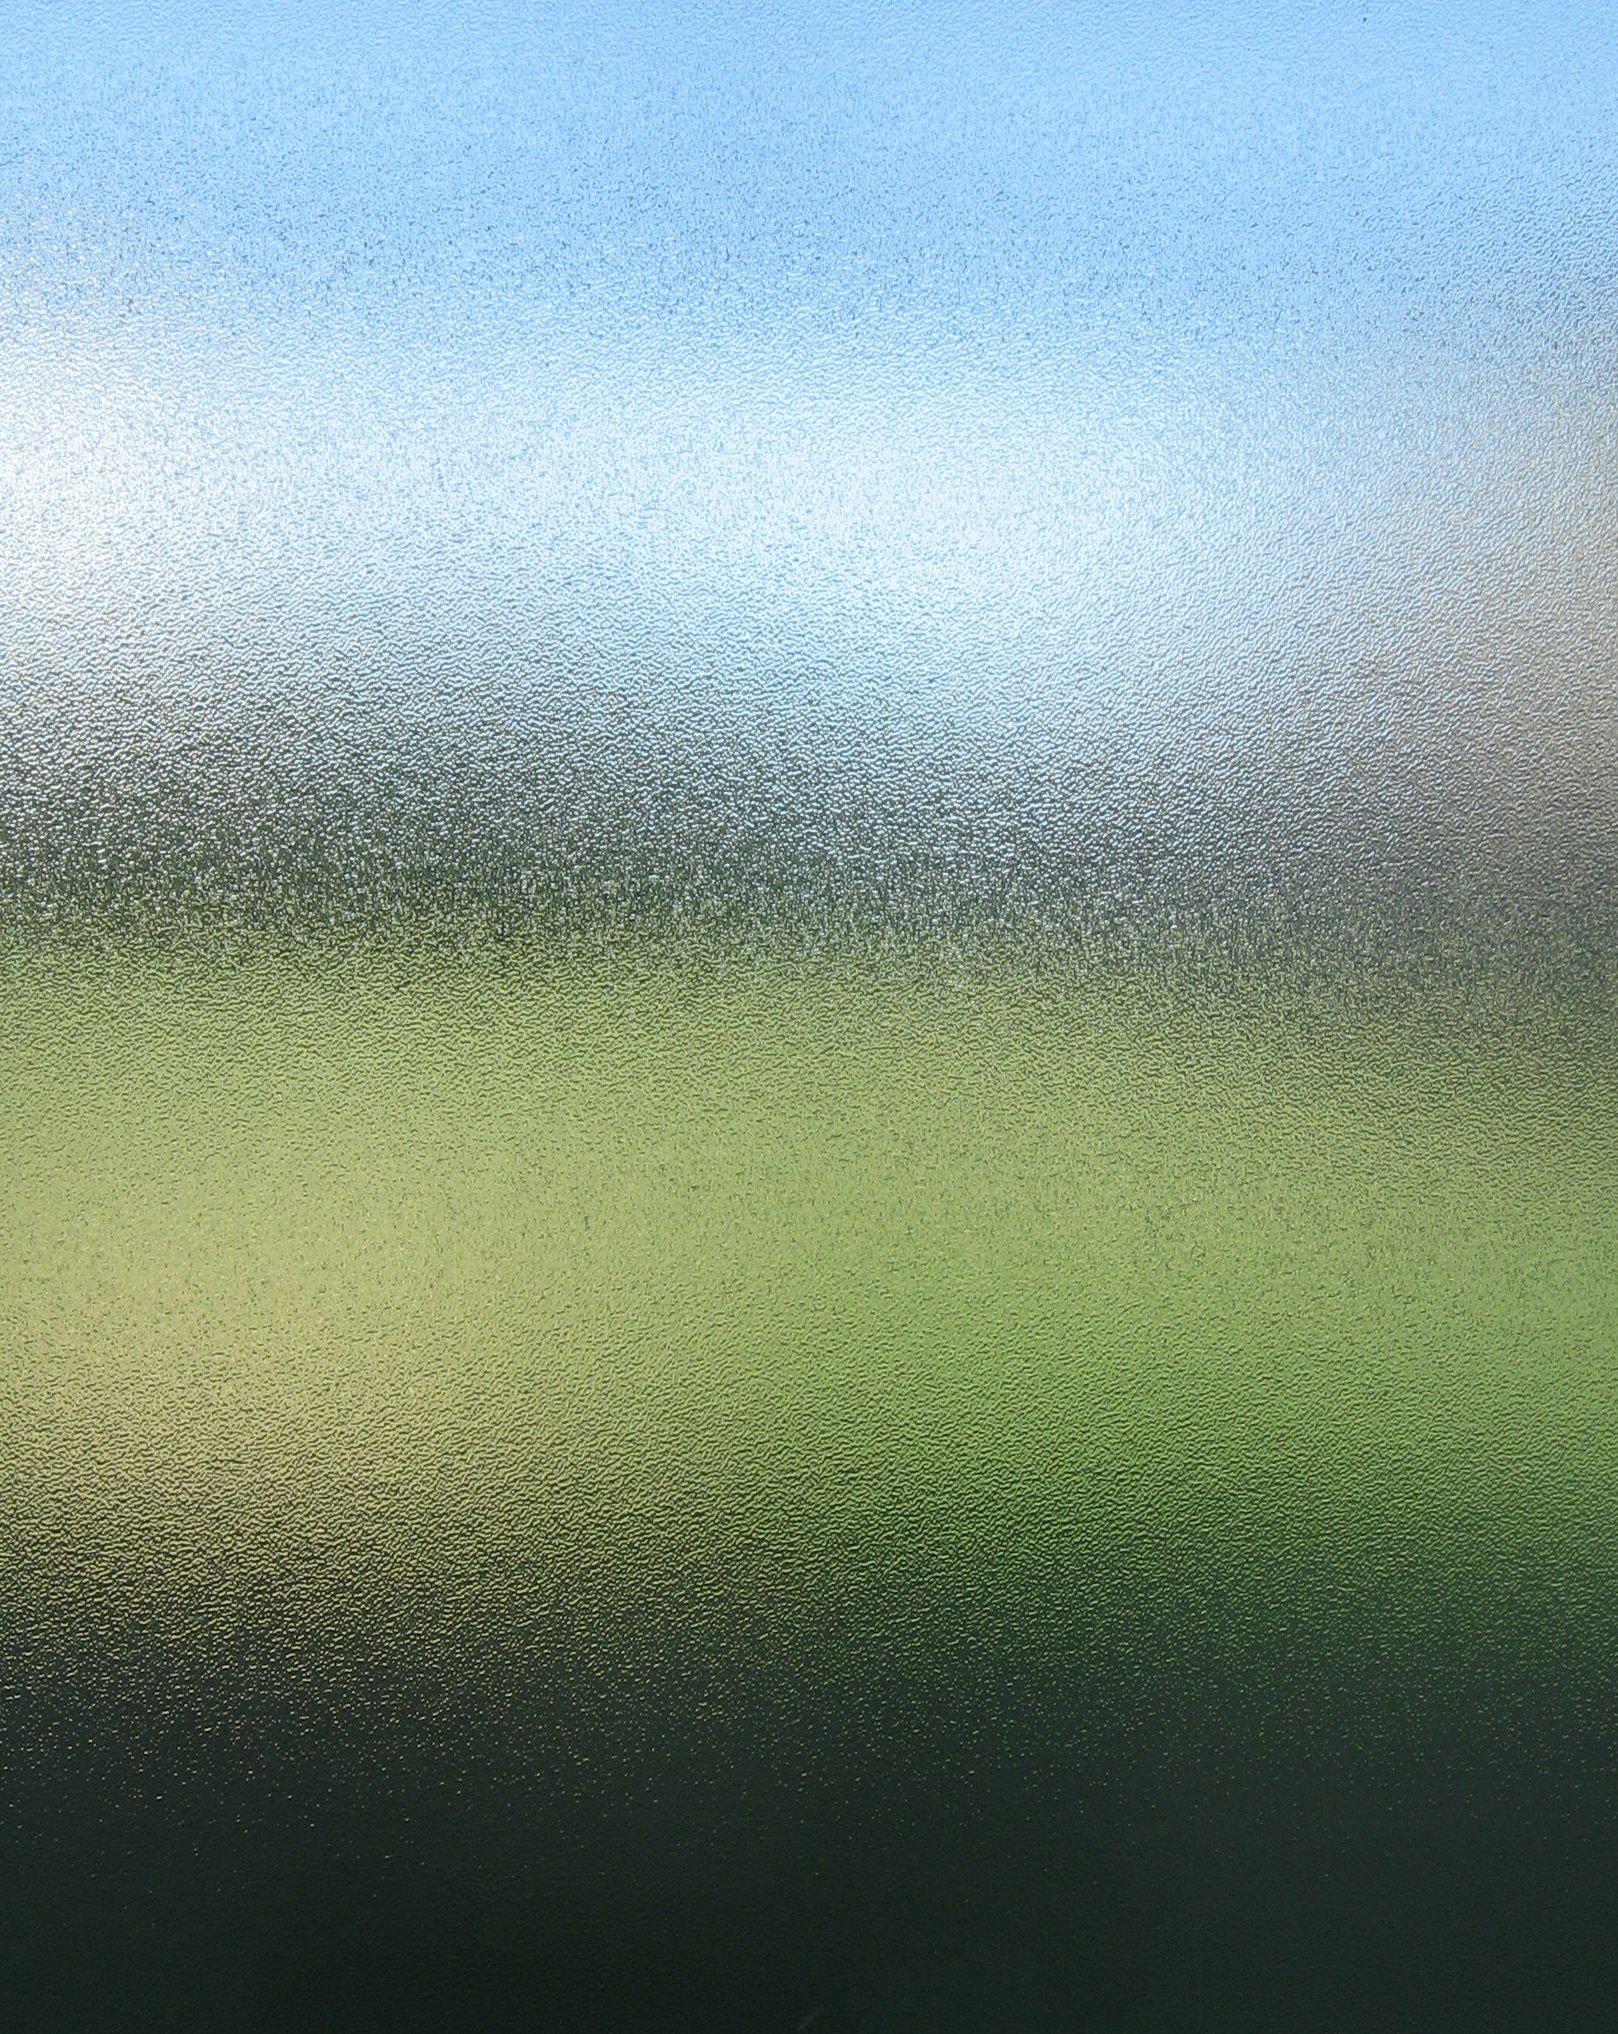 Vitrerie miroiterie verre d poli acide verre clair d poli for Rendre une vitre opaque